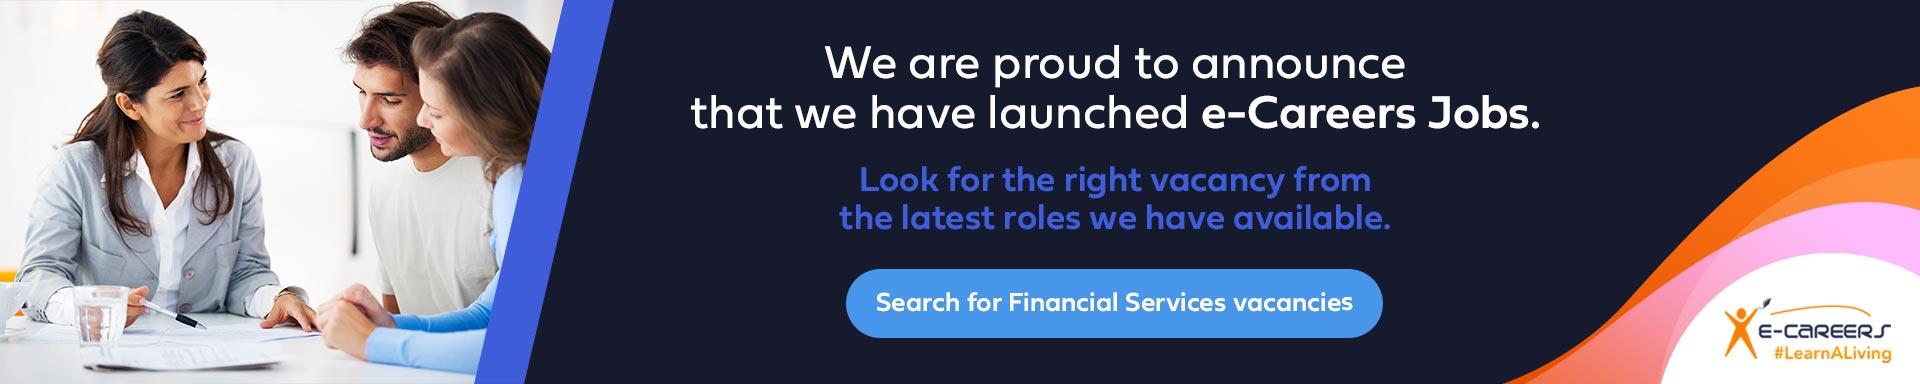 Financial Services vacancies